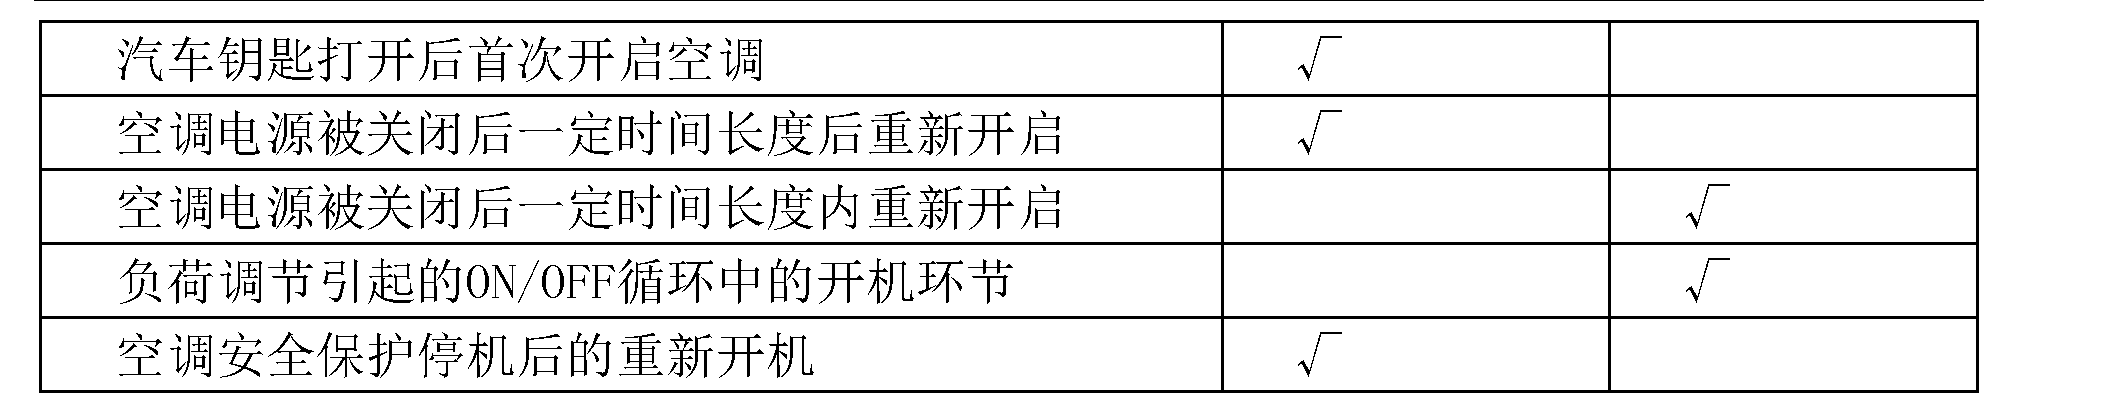 Figure CN103033008BD00071